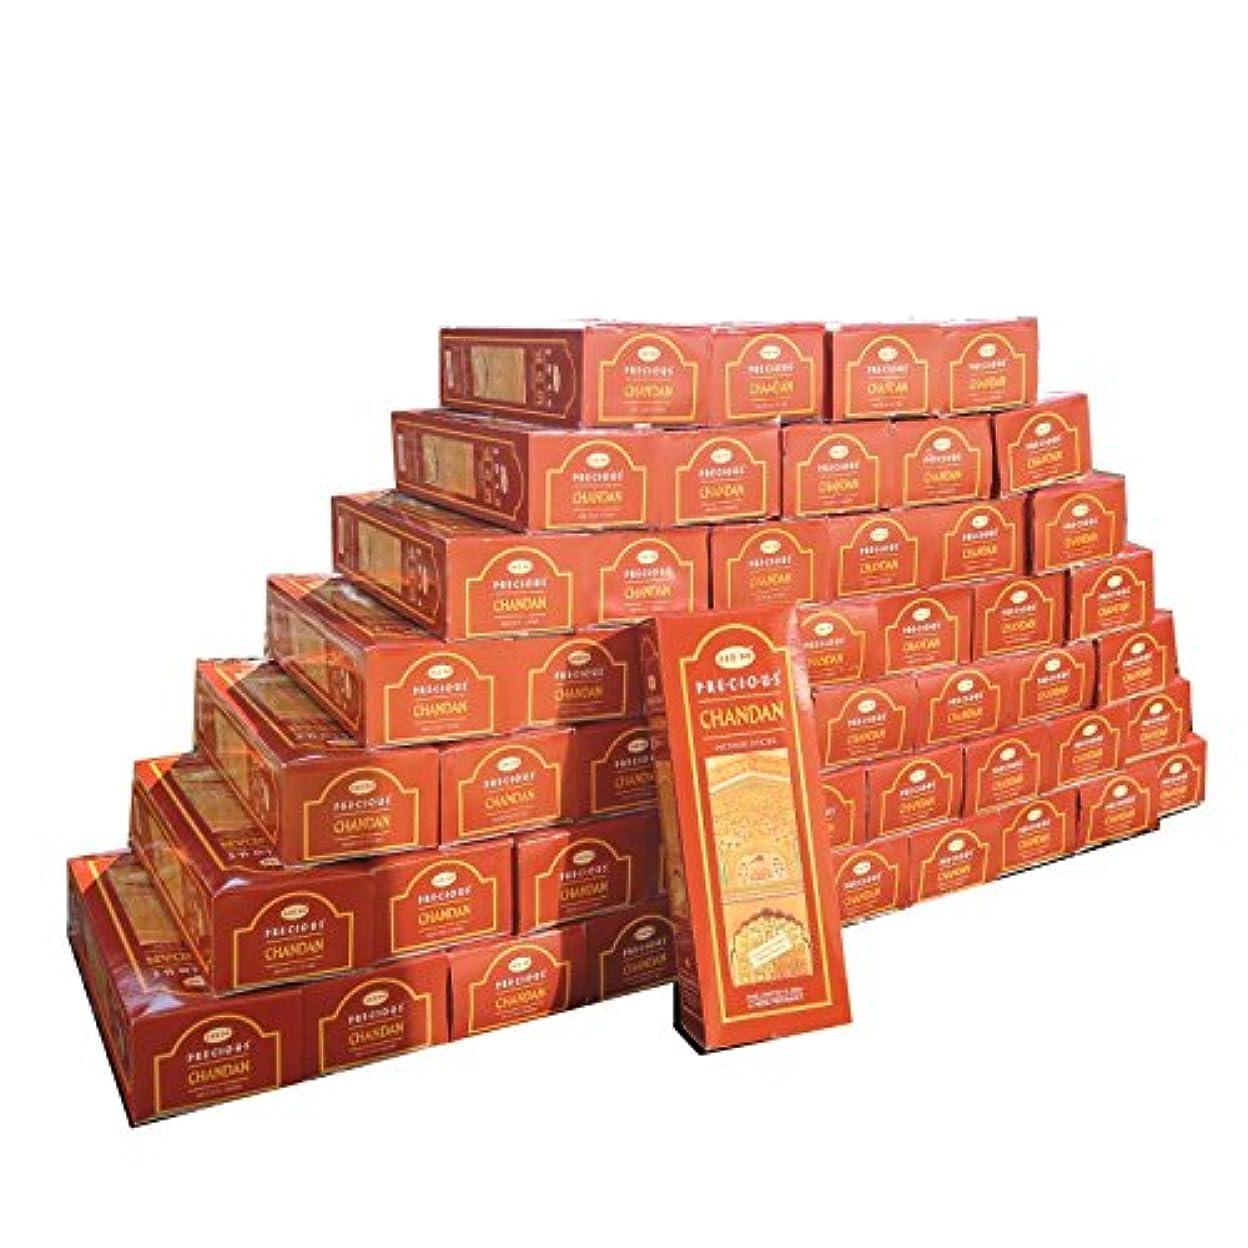 より良い写真を描くパテ業務用 インドスティック形お香 プレシャスチャンダン 300箱入り